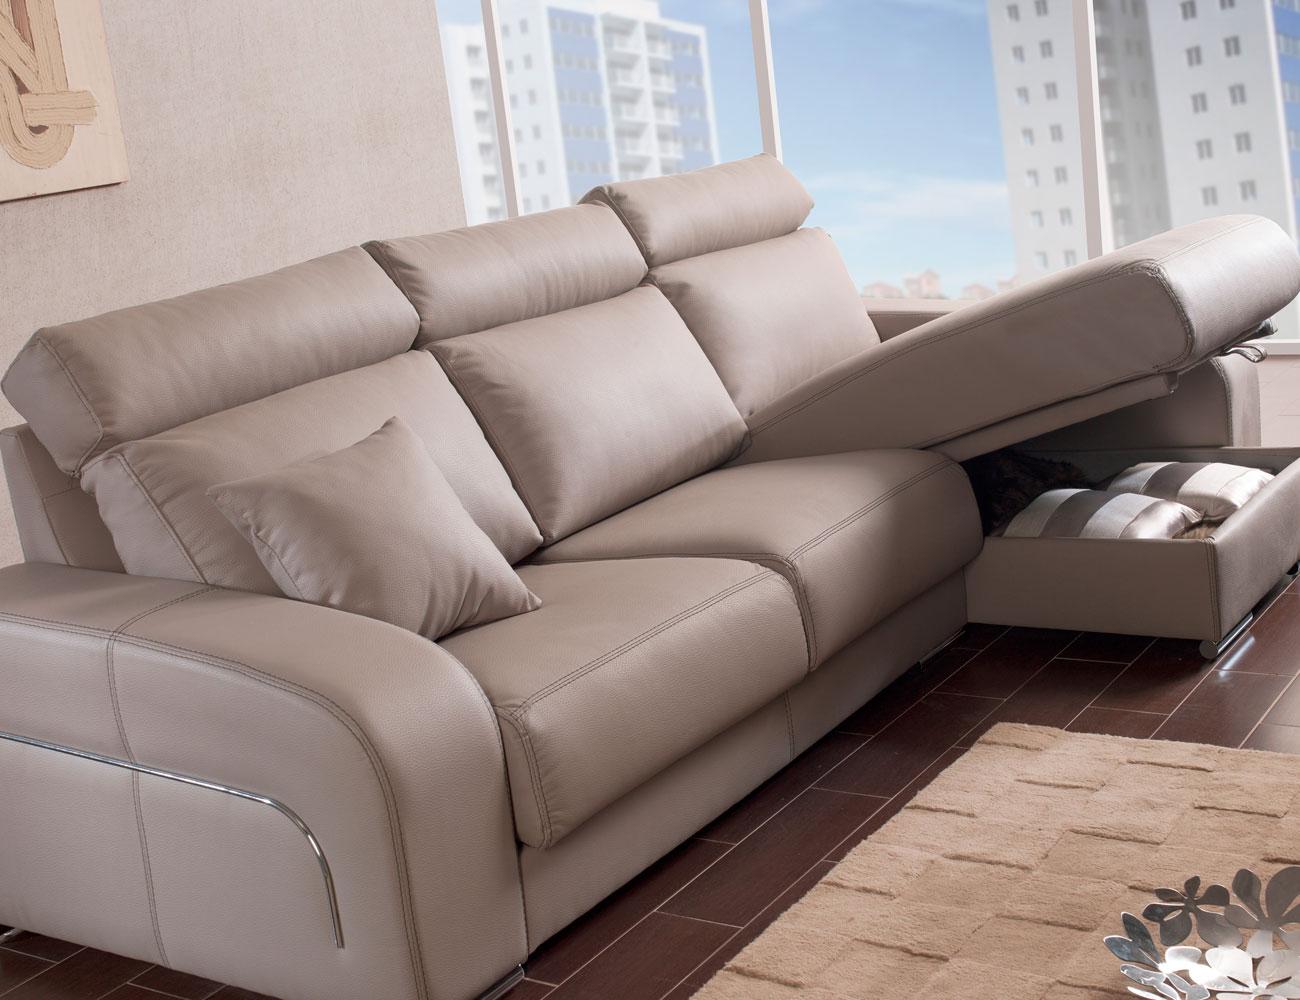 Sofa chaiselongue moderno pared cero arcon1